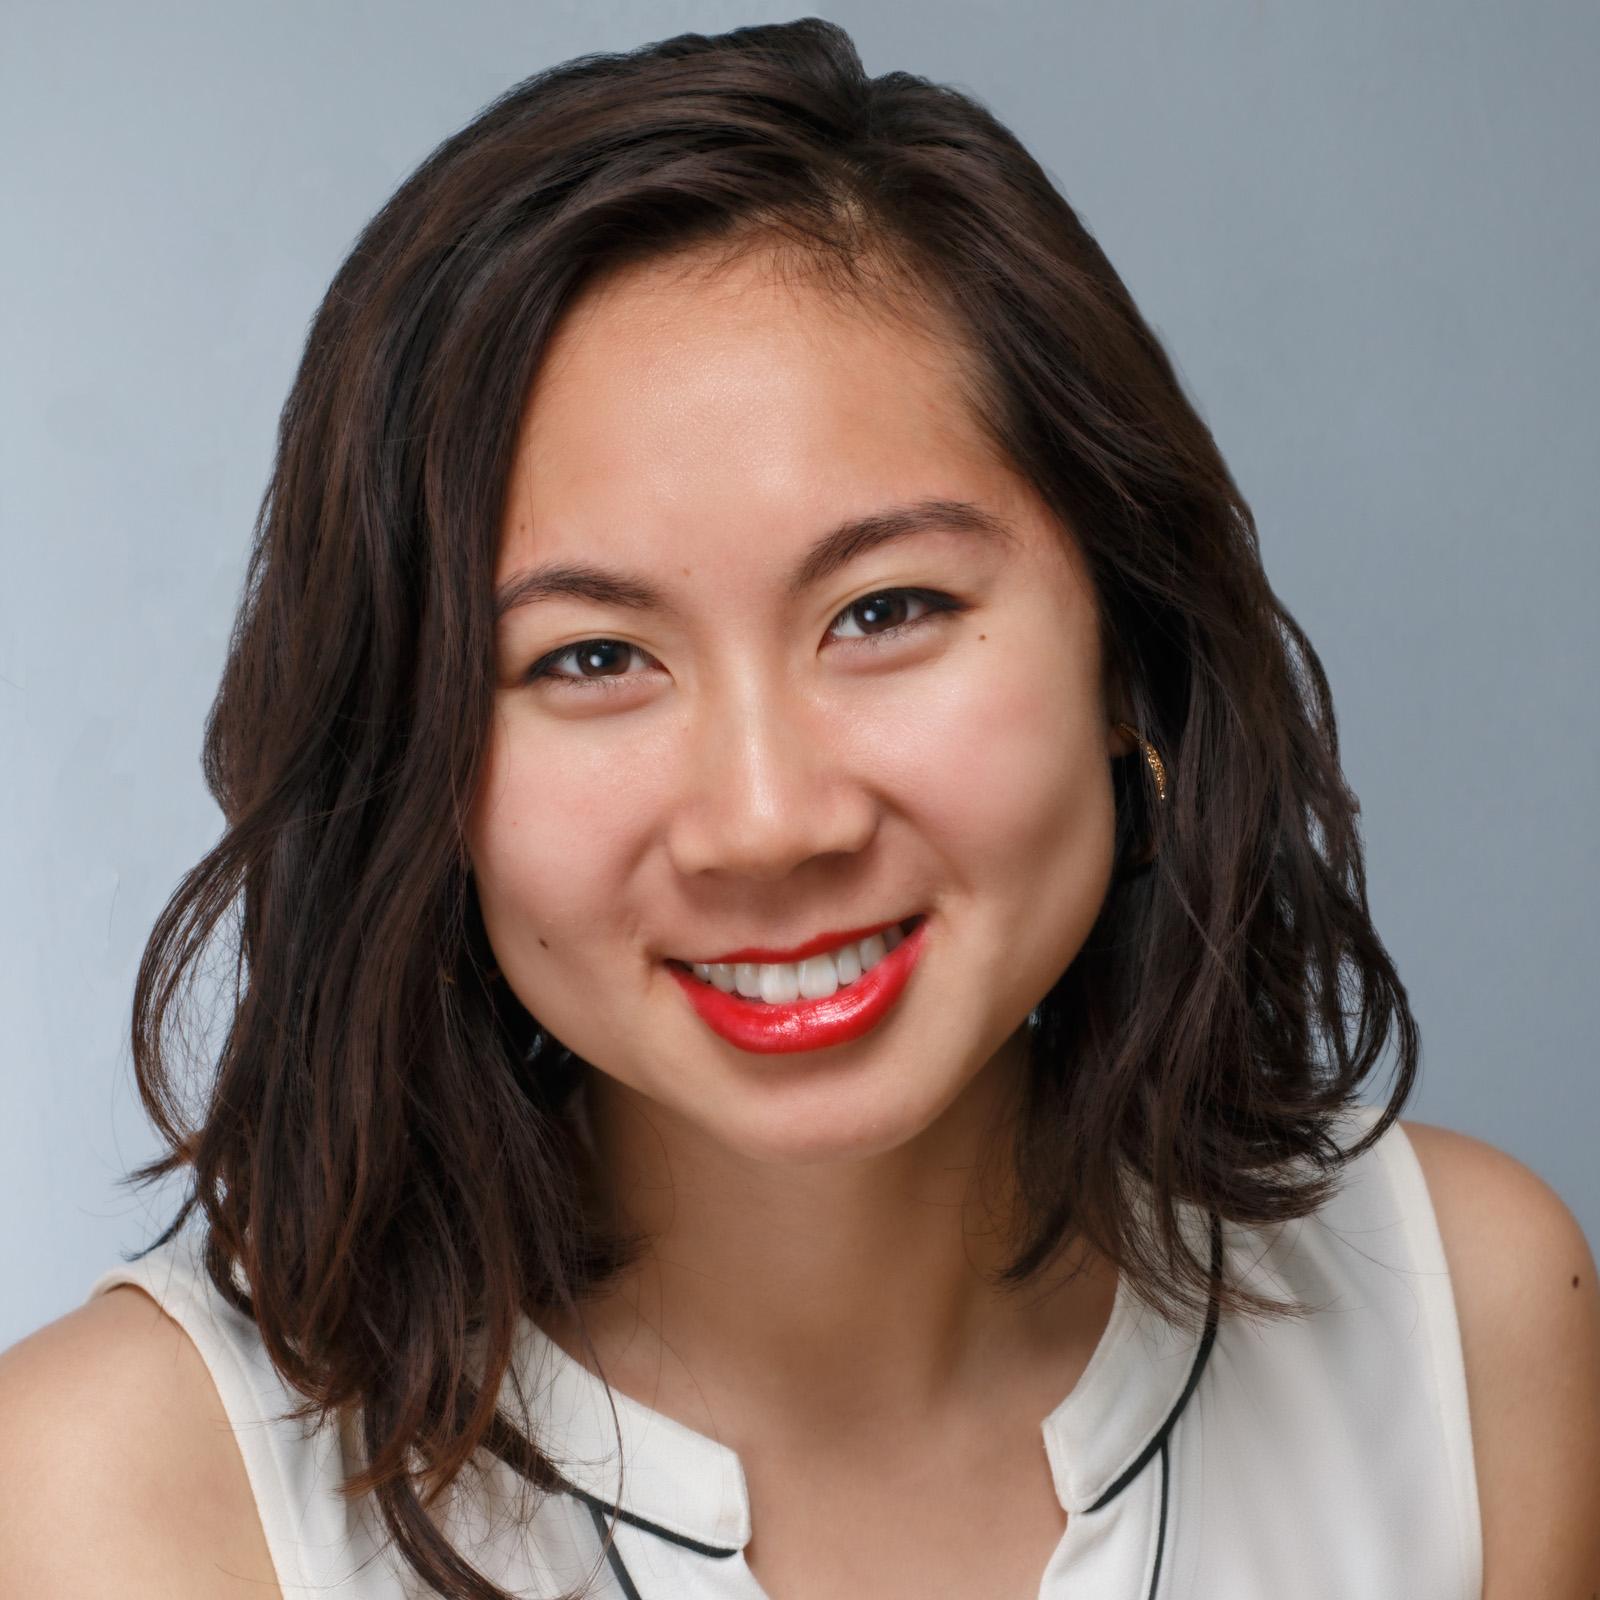 Christina Tseng